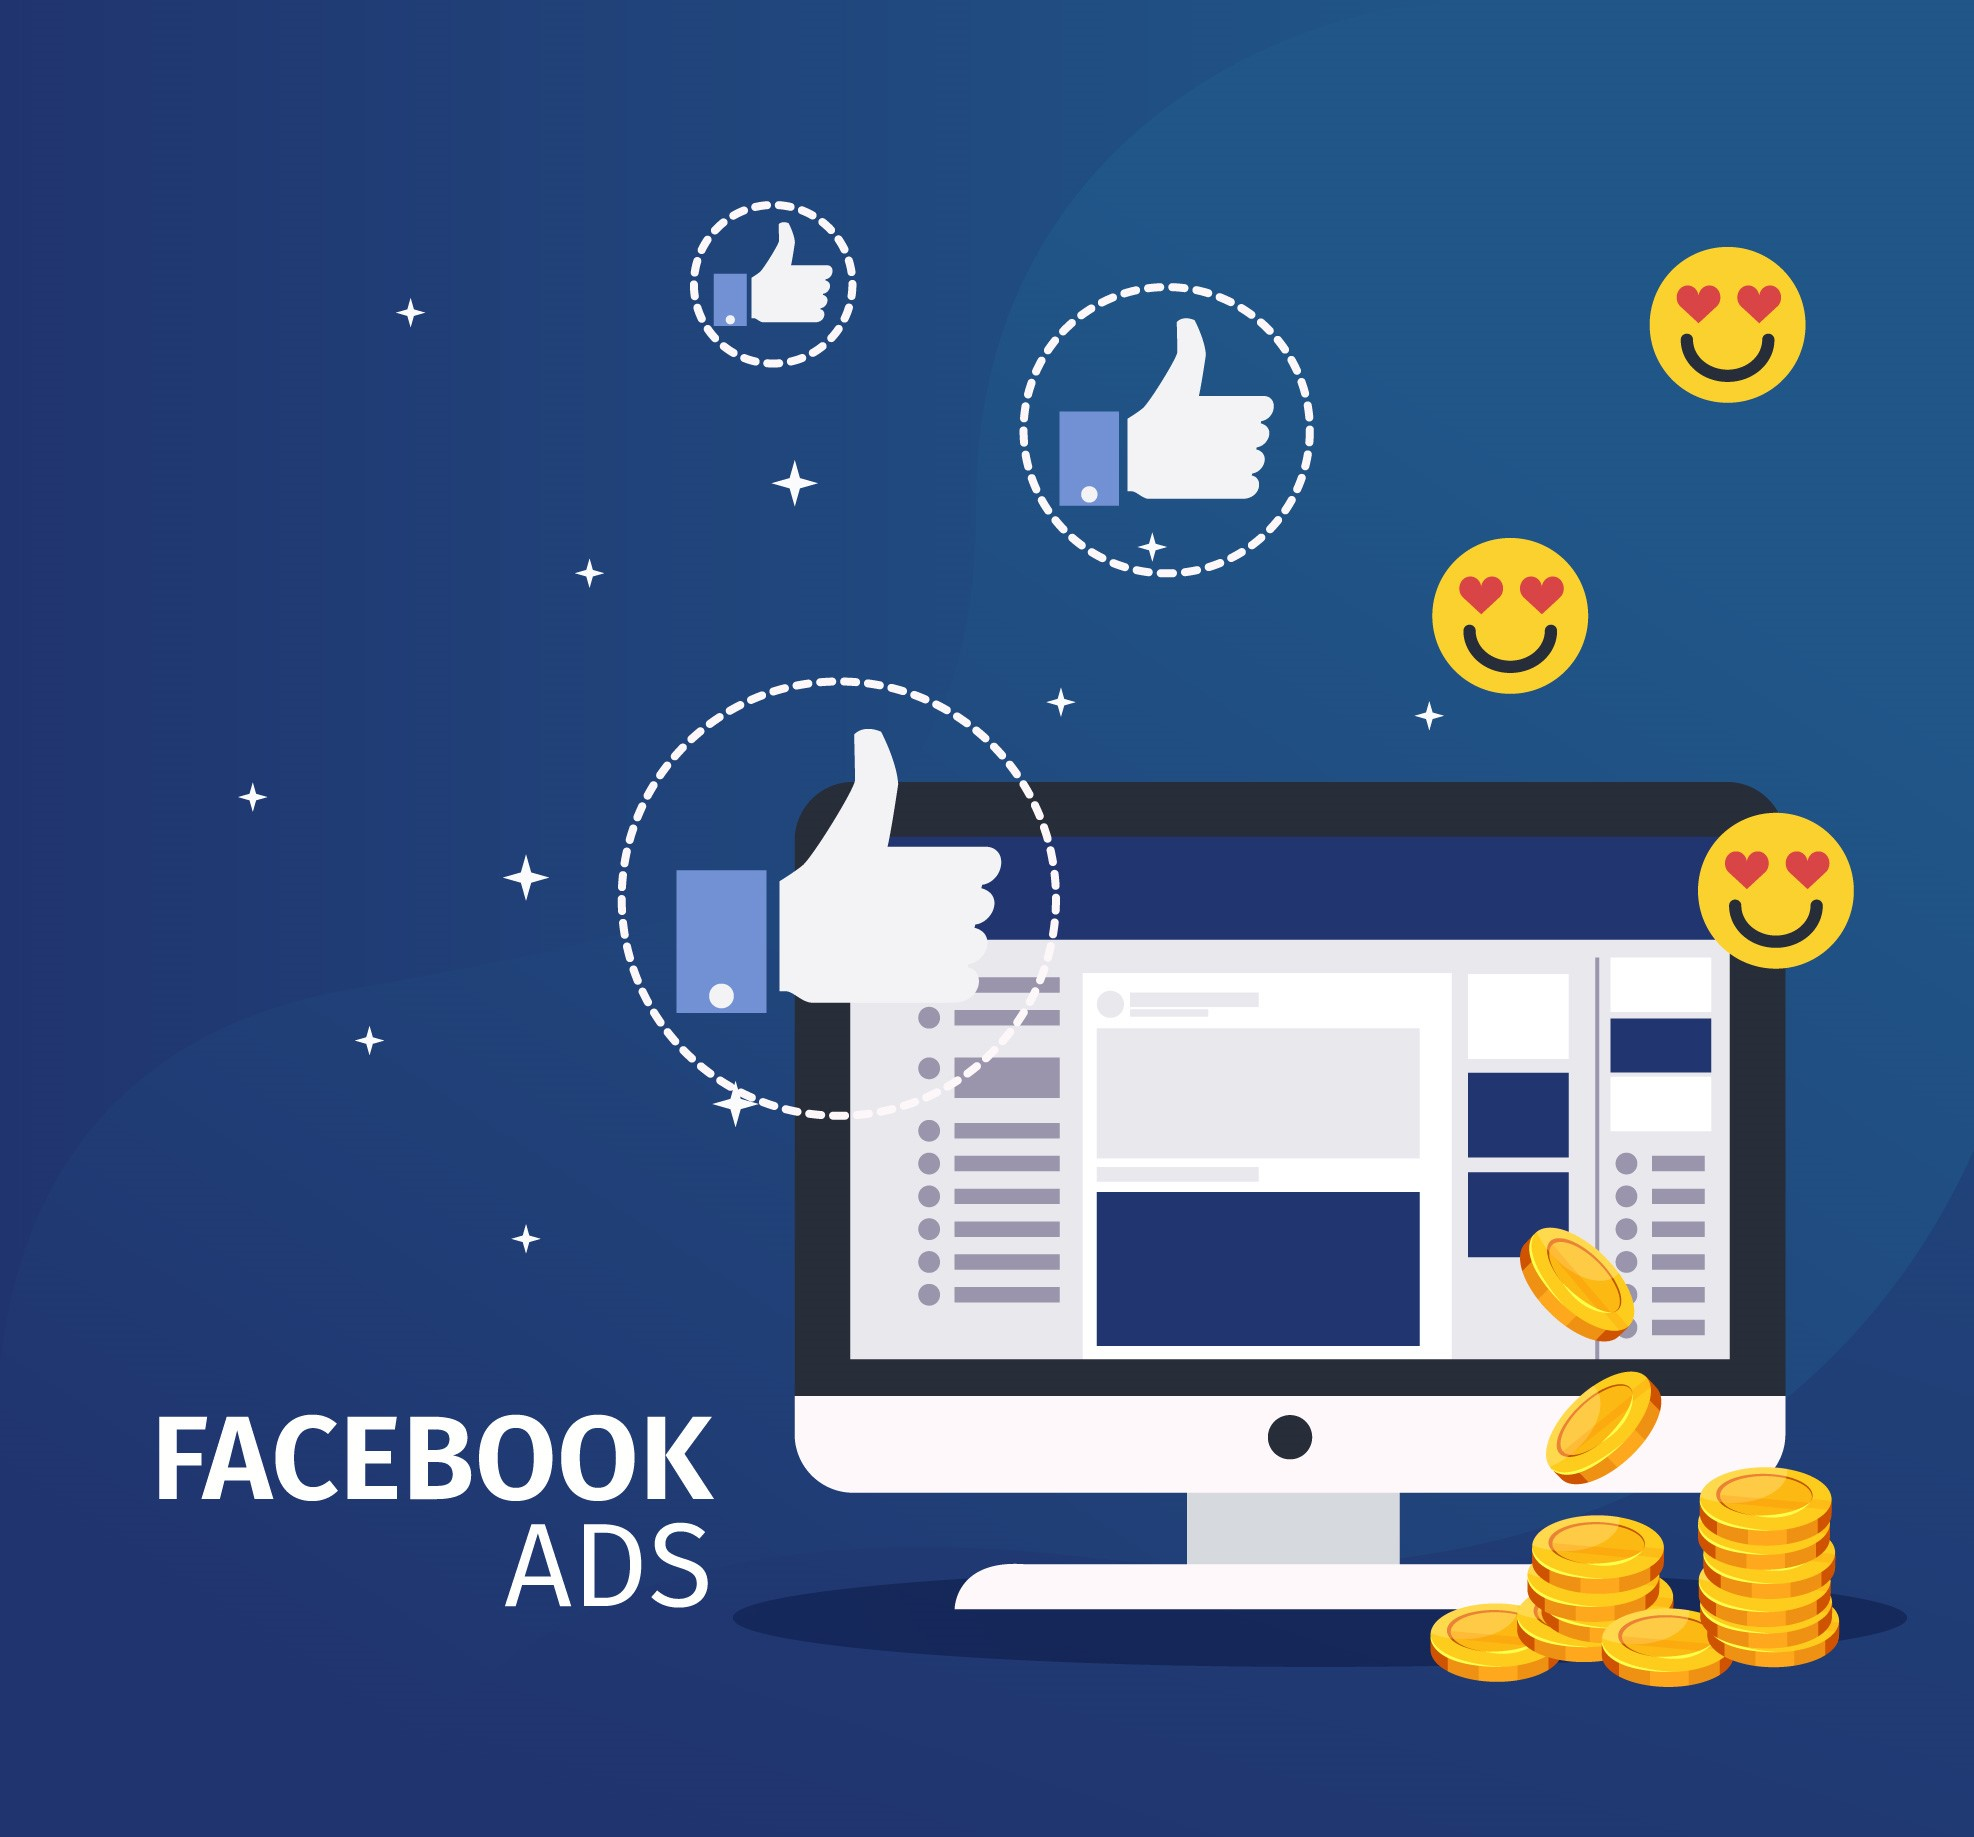 Chạy Facebook Ads Cần Lưu Ý Những Yếu Tố Nào? - AIM Academy